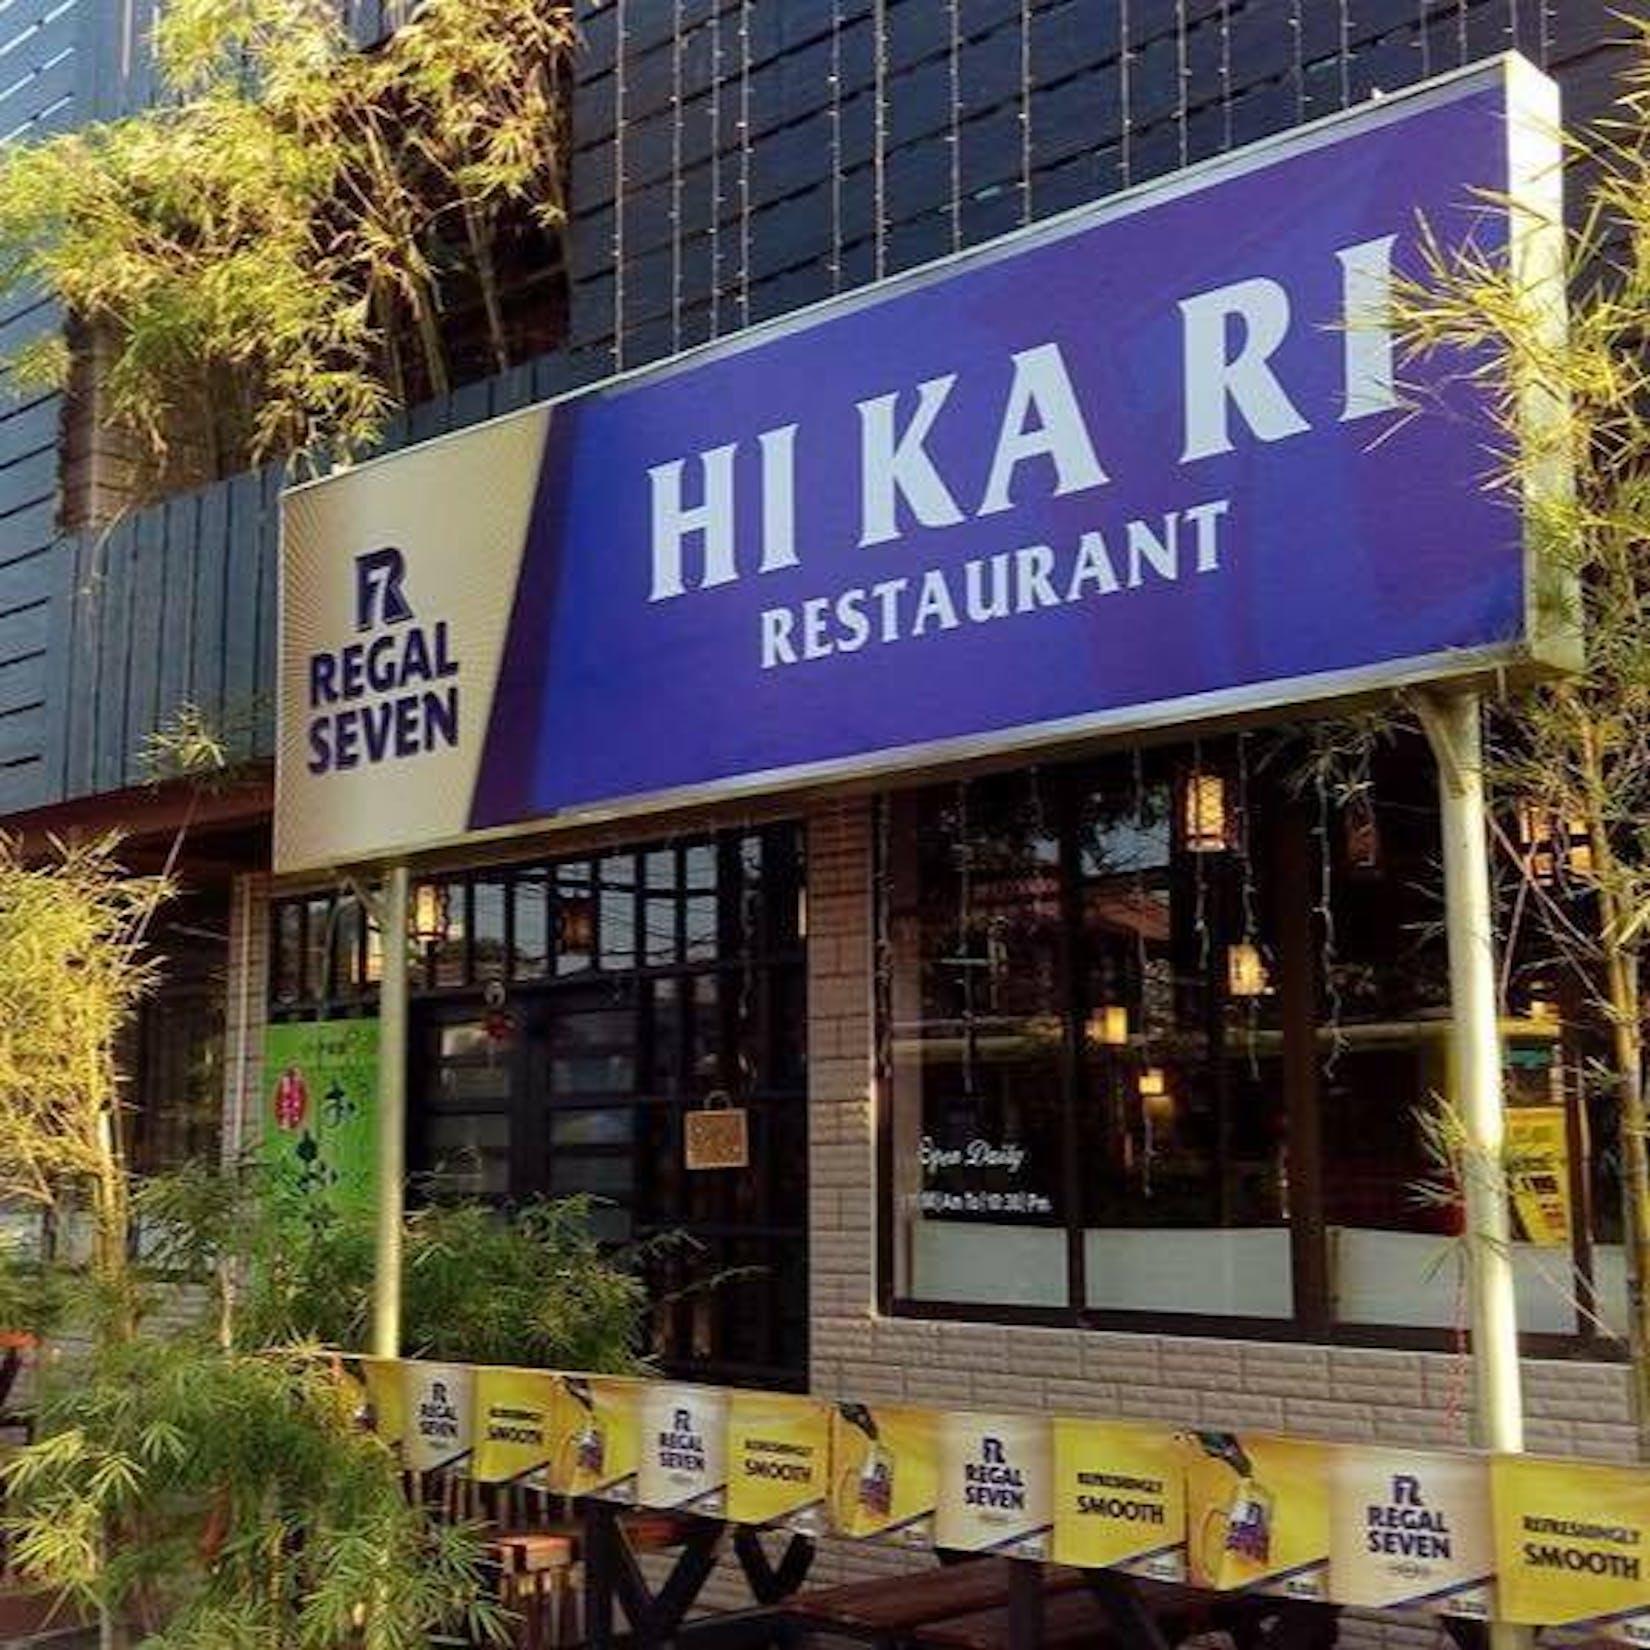 Hi Ka Ri Japanese, Thai, Chinese Restaurant | yathar